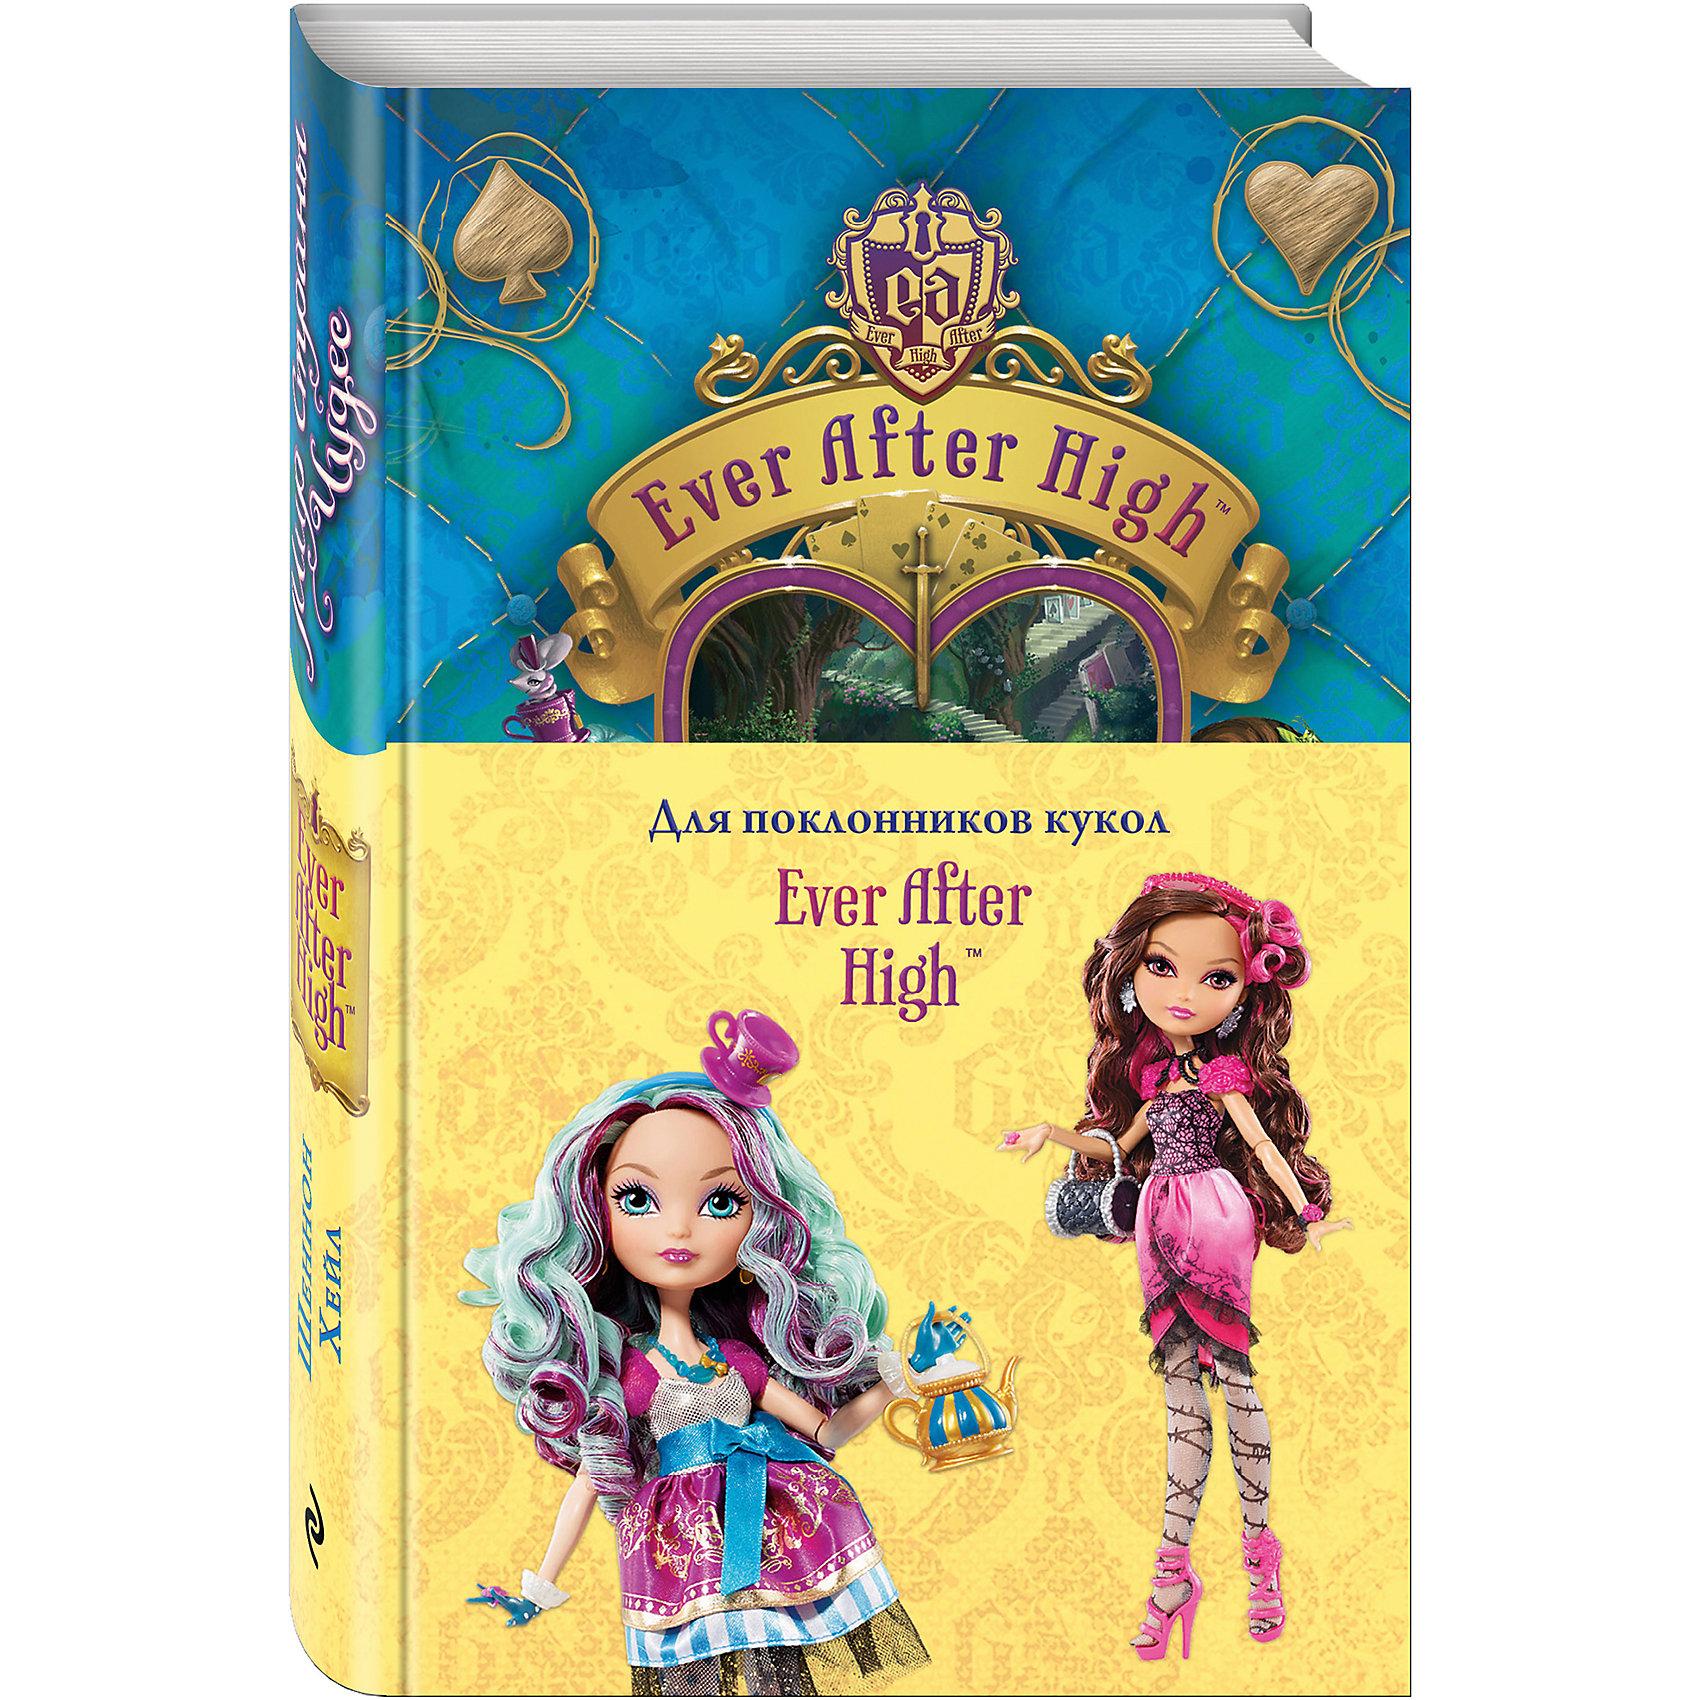 Школа Долго и счастливо. Мир Страны Чудес, Шеннон ХейлПопулярные игрушки<br>Книга Школа Долго и счастливо. Мир Страны Чудес станет приятным сюрпризом для всех юных поклонниц популярных кукол линейки Ever After High от Mattel. На страницах этой увлекательной книги Вы вновь встретитесь с любимыми героями и переживете вместе с ними невероятные приключения. В стране Долго и счастливо начали происходить странные вещи, все пошло кувырком, стало шиворот-навыворот. Появились брандашмыги, предметы и растения ожили, а здание школы принялось меняться на глазах. Все стало не тем, чем было. Да к тому же бедная Рэйвен превратилась в ворону, а Эппл в яблоко. А виной всему злобный Бармаглот, который проник в этот мир из Страны Чудес и мечтает превратить его в подобие своей родины. Стране Долго и счастливо грозит неминуемая гибель. И только Лиззи Хартс, Кедра Вуд и Мэдлин Хэттер, кажется, сохранили рассудок. Теперь подругам предстоит важная миссия - спасти от проклятия остальных учеников школы и вернуть все на свои места. Для среднего школьного возраста.<br><br>Дополнительная информация:<br><br>- Автор: Шеннон Хейл.<br>- Серия: Ever After High.<br>- Переплет: твердый переплет.<br>- Иллюстрации: без иллюстраций.<br>- Объем: 480 стр. <br>- Размер книги: 20,7 x 13,5 x 2,9 см.<br>- Вес: 0,574 кг.<br><br>Книгу Школа Долго и счастливо. Мир Страны Чудес, Шеннон Хейл, Эксмо, можно купить в нашем интернет-магазине.<br><br>Ширина мм: 207<br>Глубина мм: 135<br>Высота мм: 29<br>Вес г: 574<br>Возраст от месяцев: 72<br>Возраст до месяцев: 144<br>Пол: Женский<br>Возраст: Детский<br>SKU: 4573010